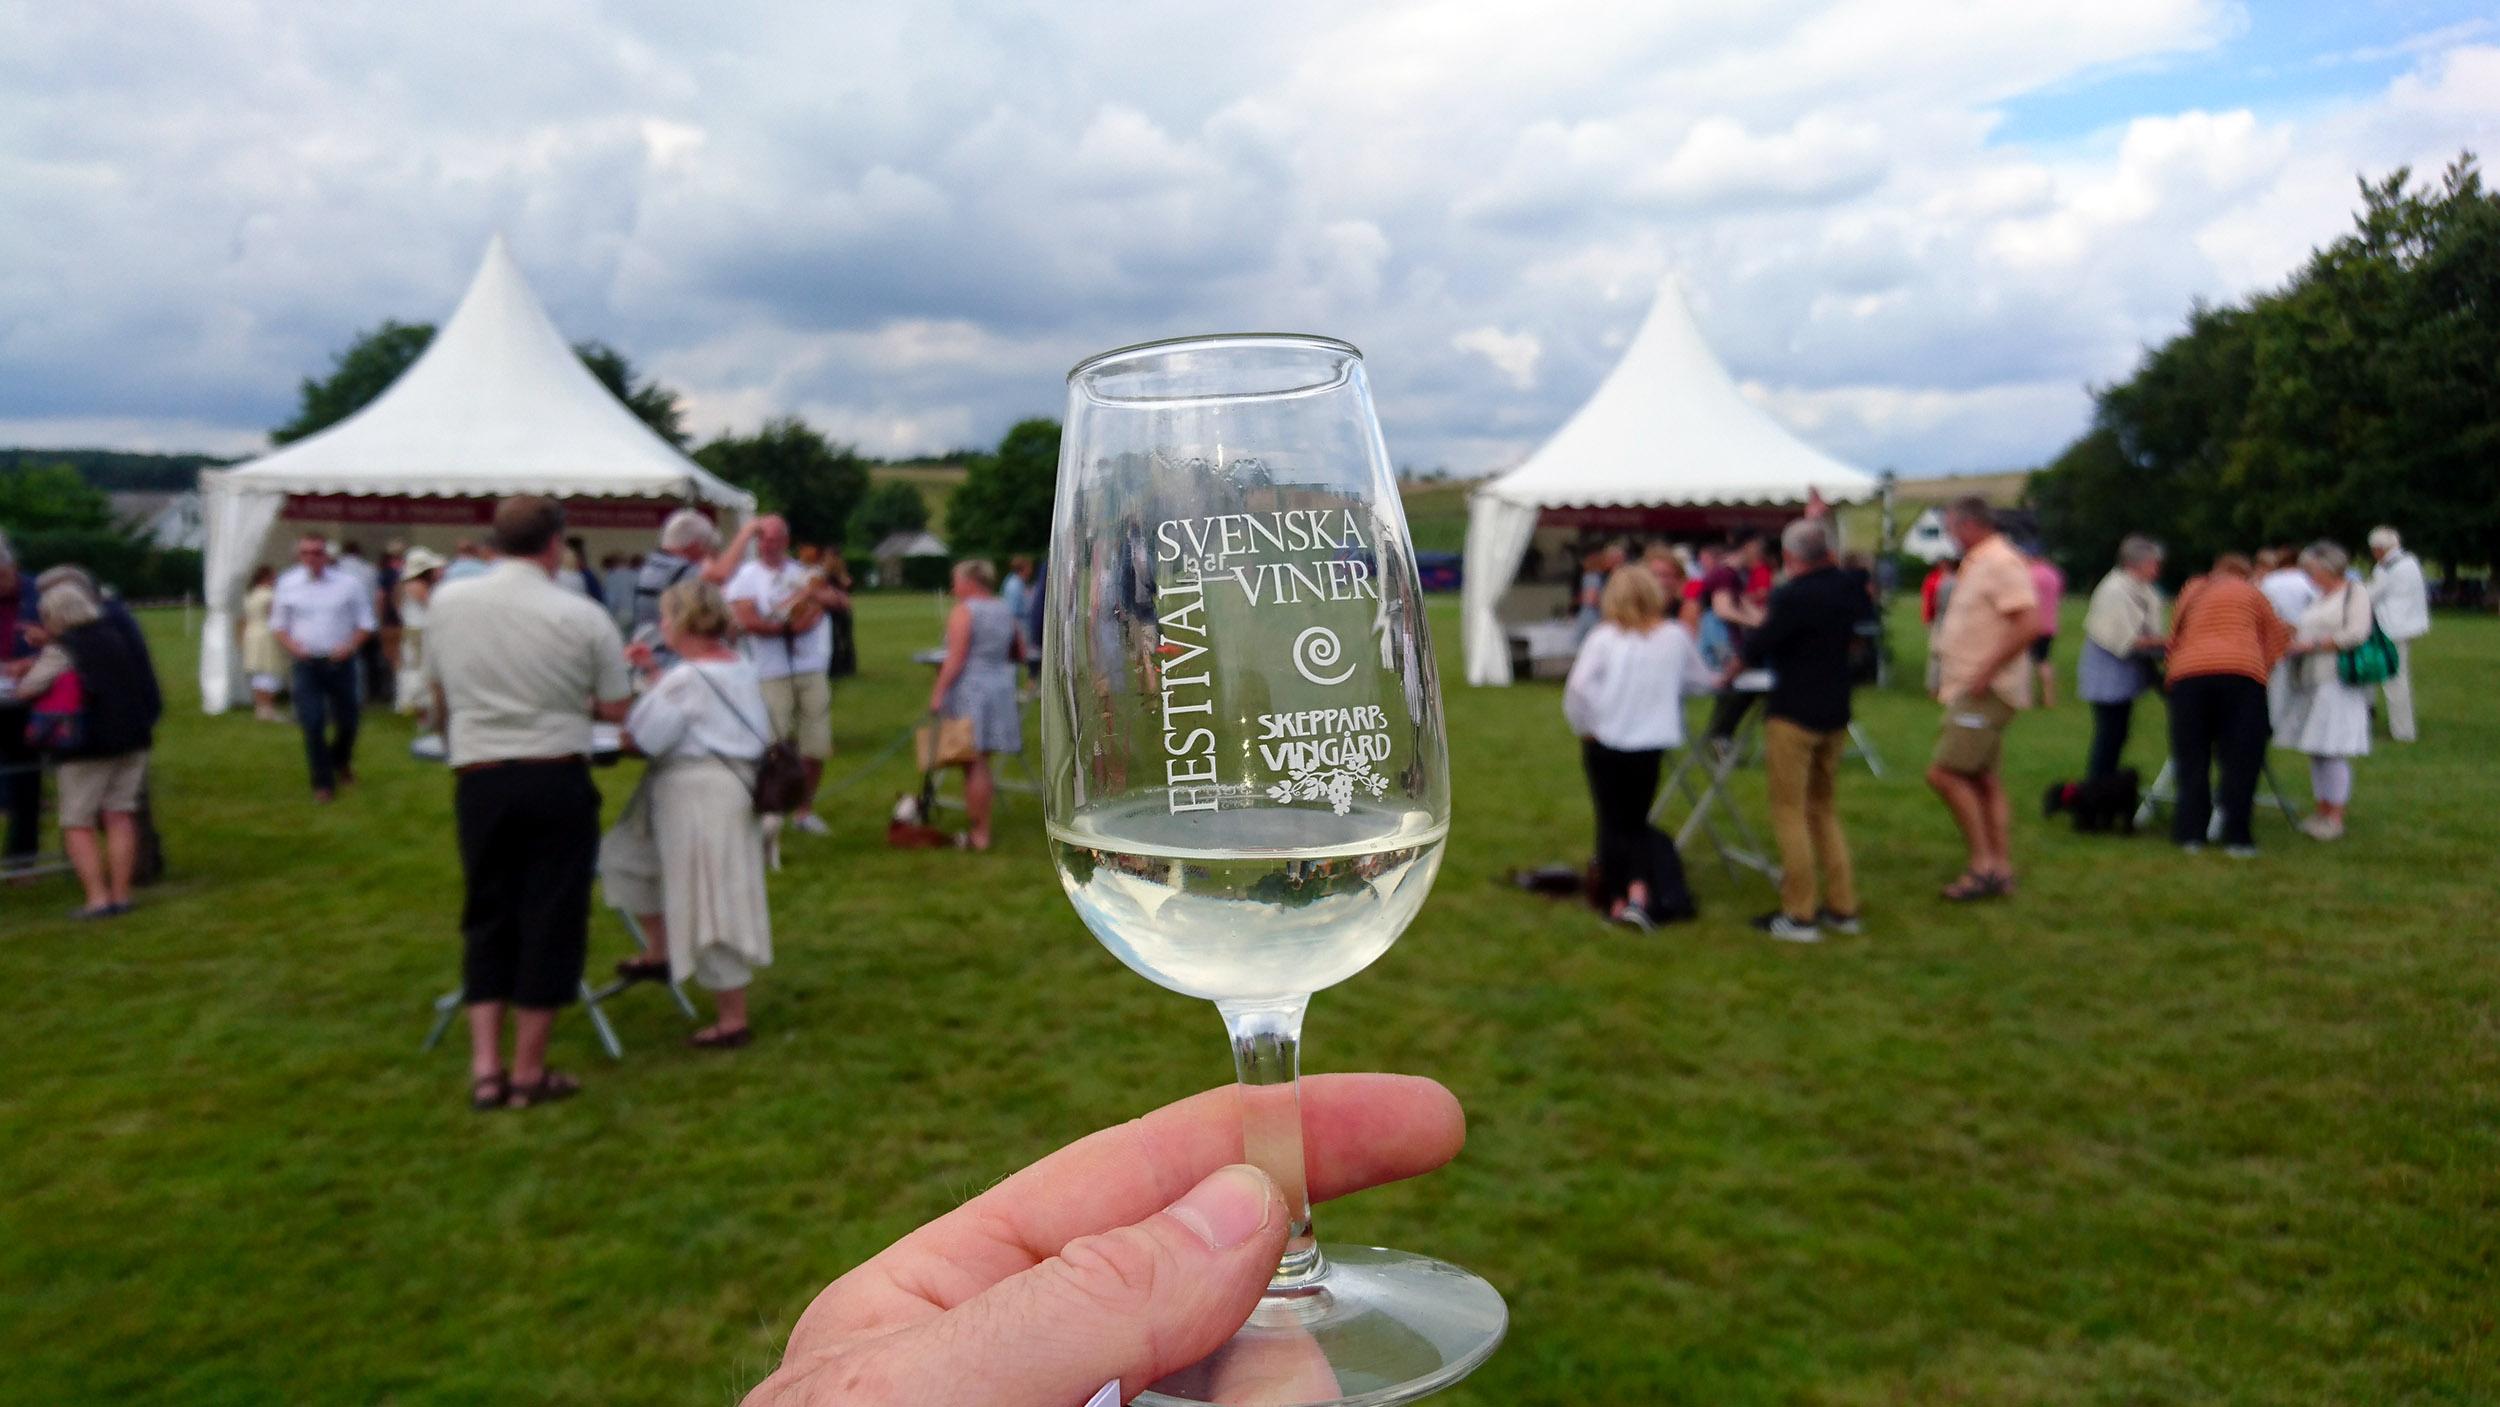 Ett glas Skepparps Grand Prix Solaris från 2014 inleder mitt besök på vinfestivalen på Skepparps Vingård 2016.